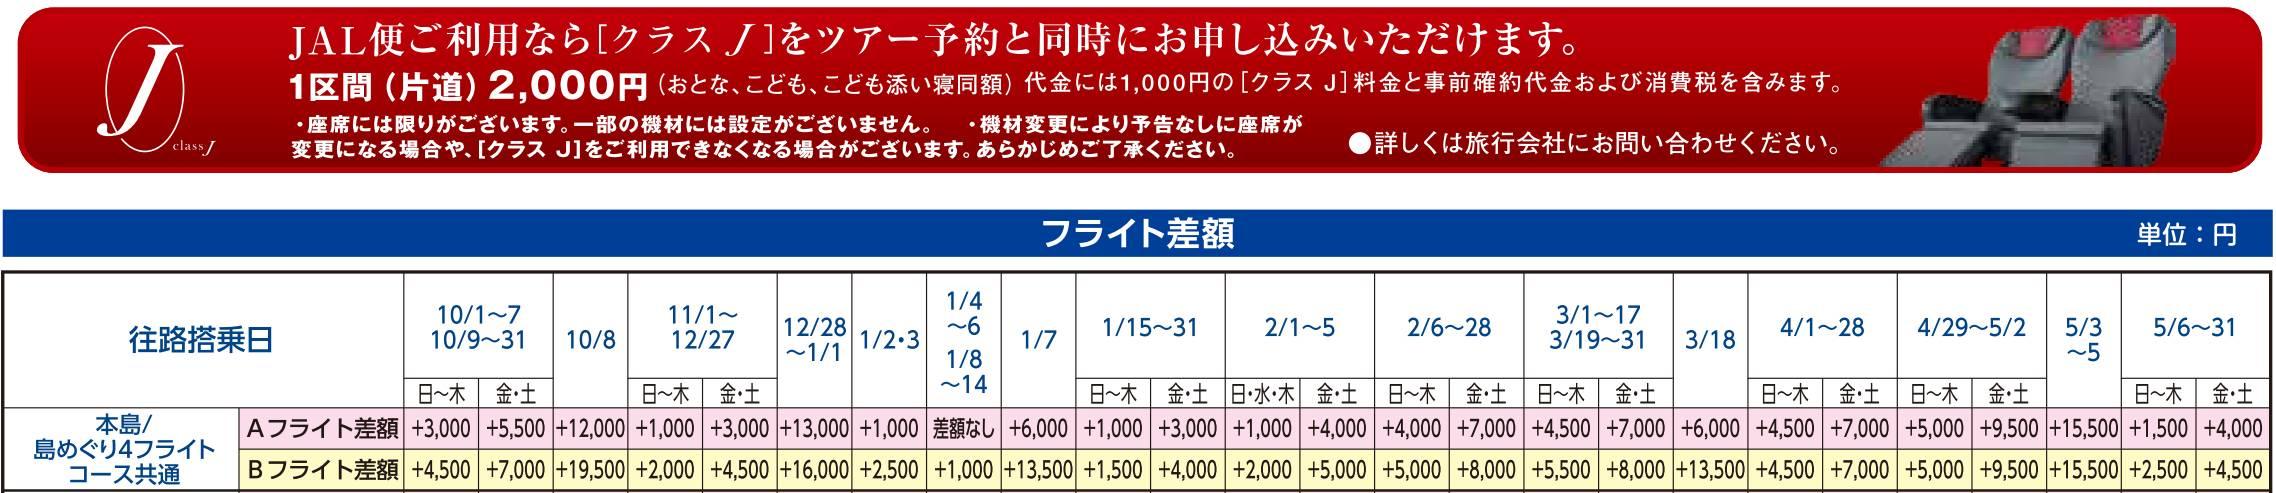 フライト差額往路pittabi-ngo16_10-05-flght02